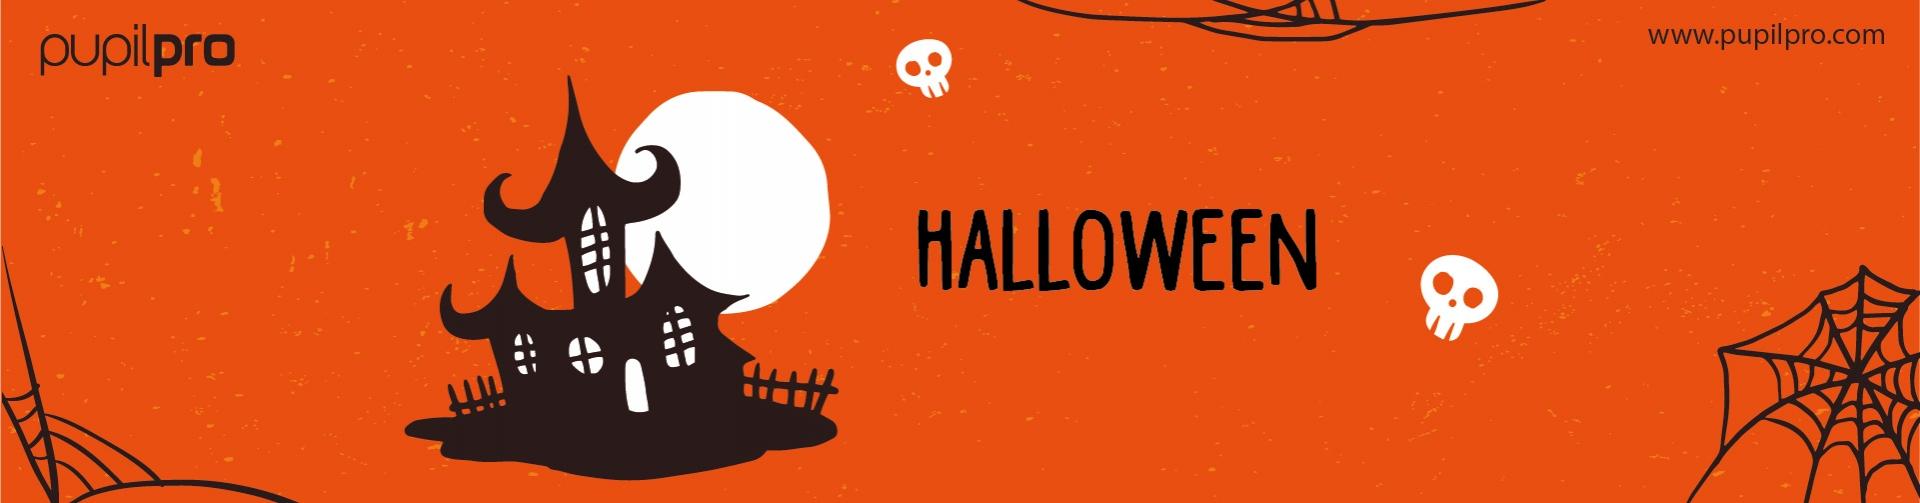 ¡Llega Halloween!